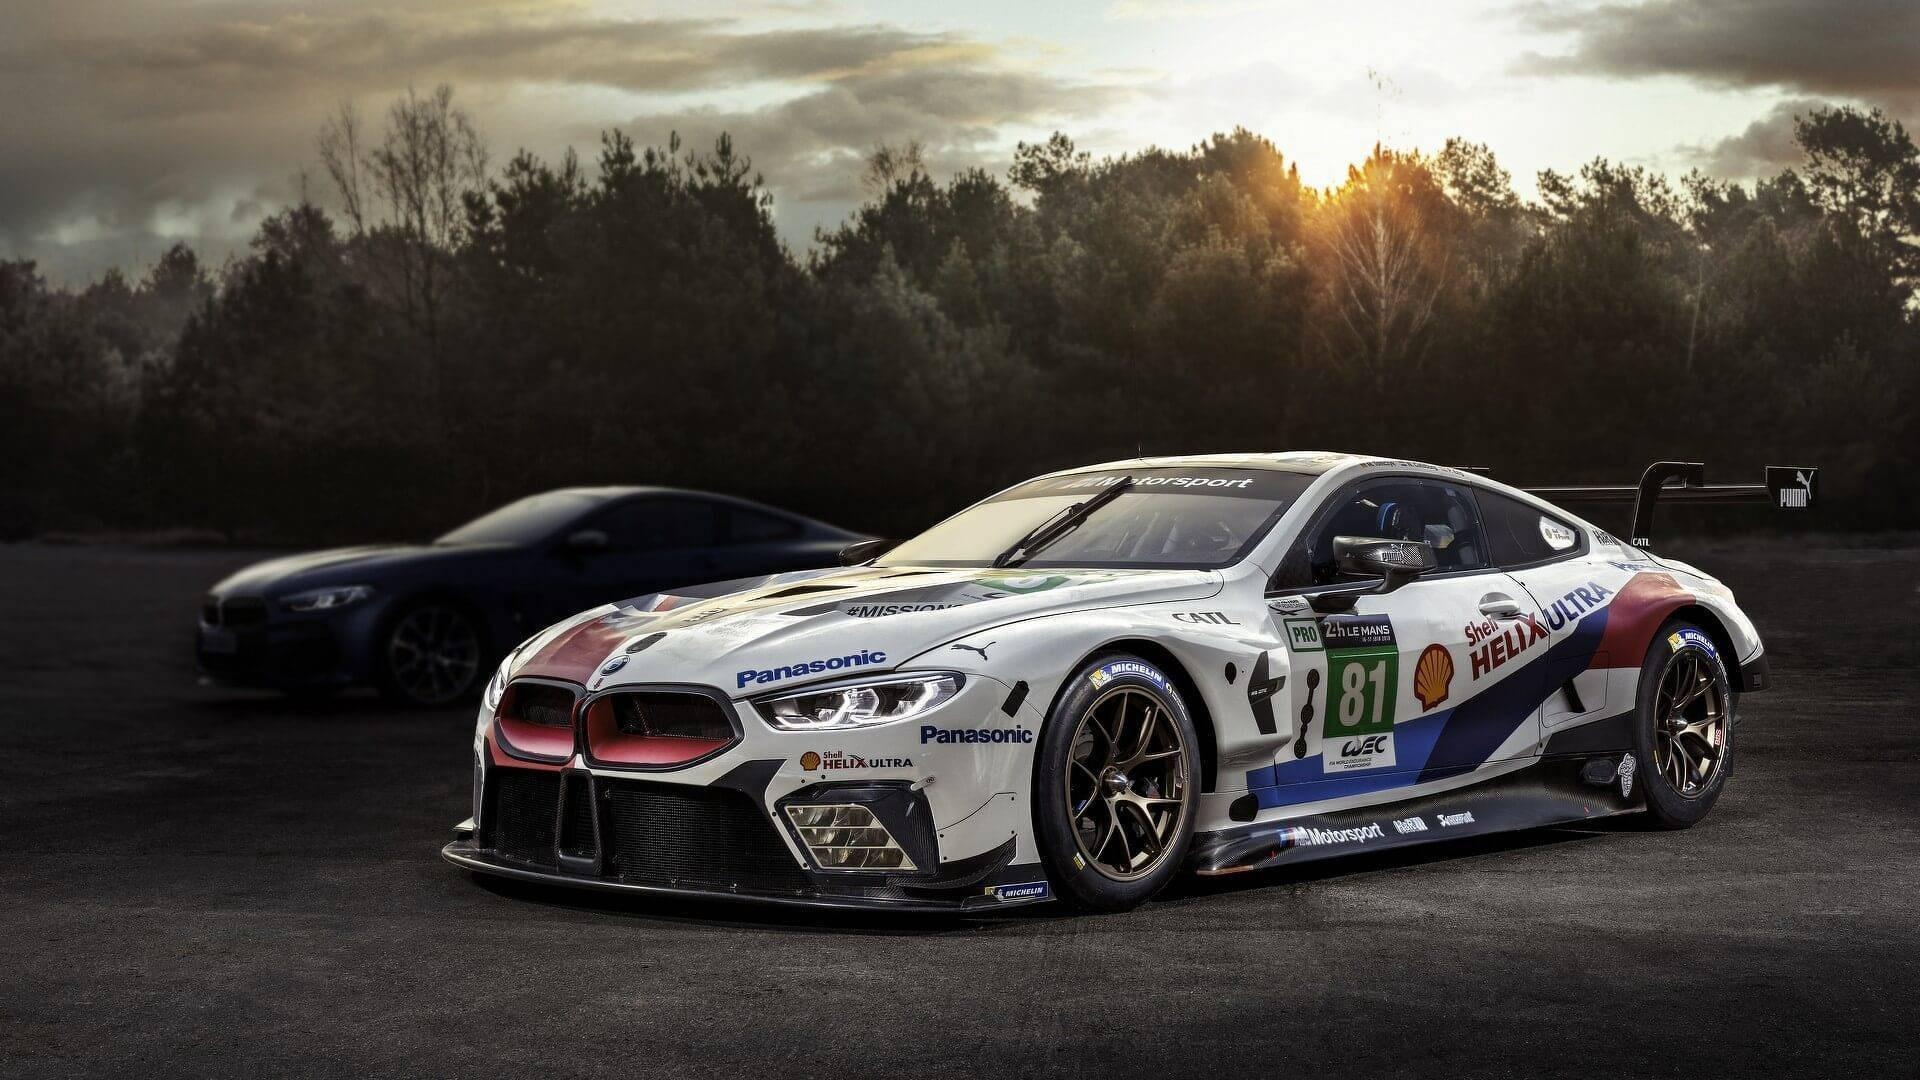 BMW vient de dévoiler teasing de sa nouvelleSérie 8: Rendez-vous le 15 juin prochain au Mans pour sa révélation officielle.